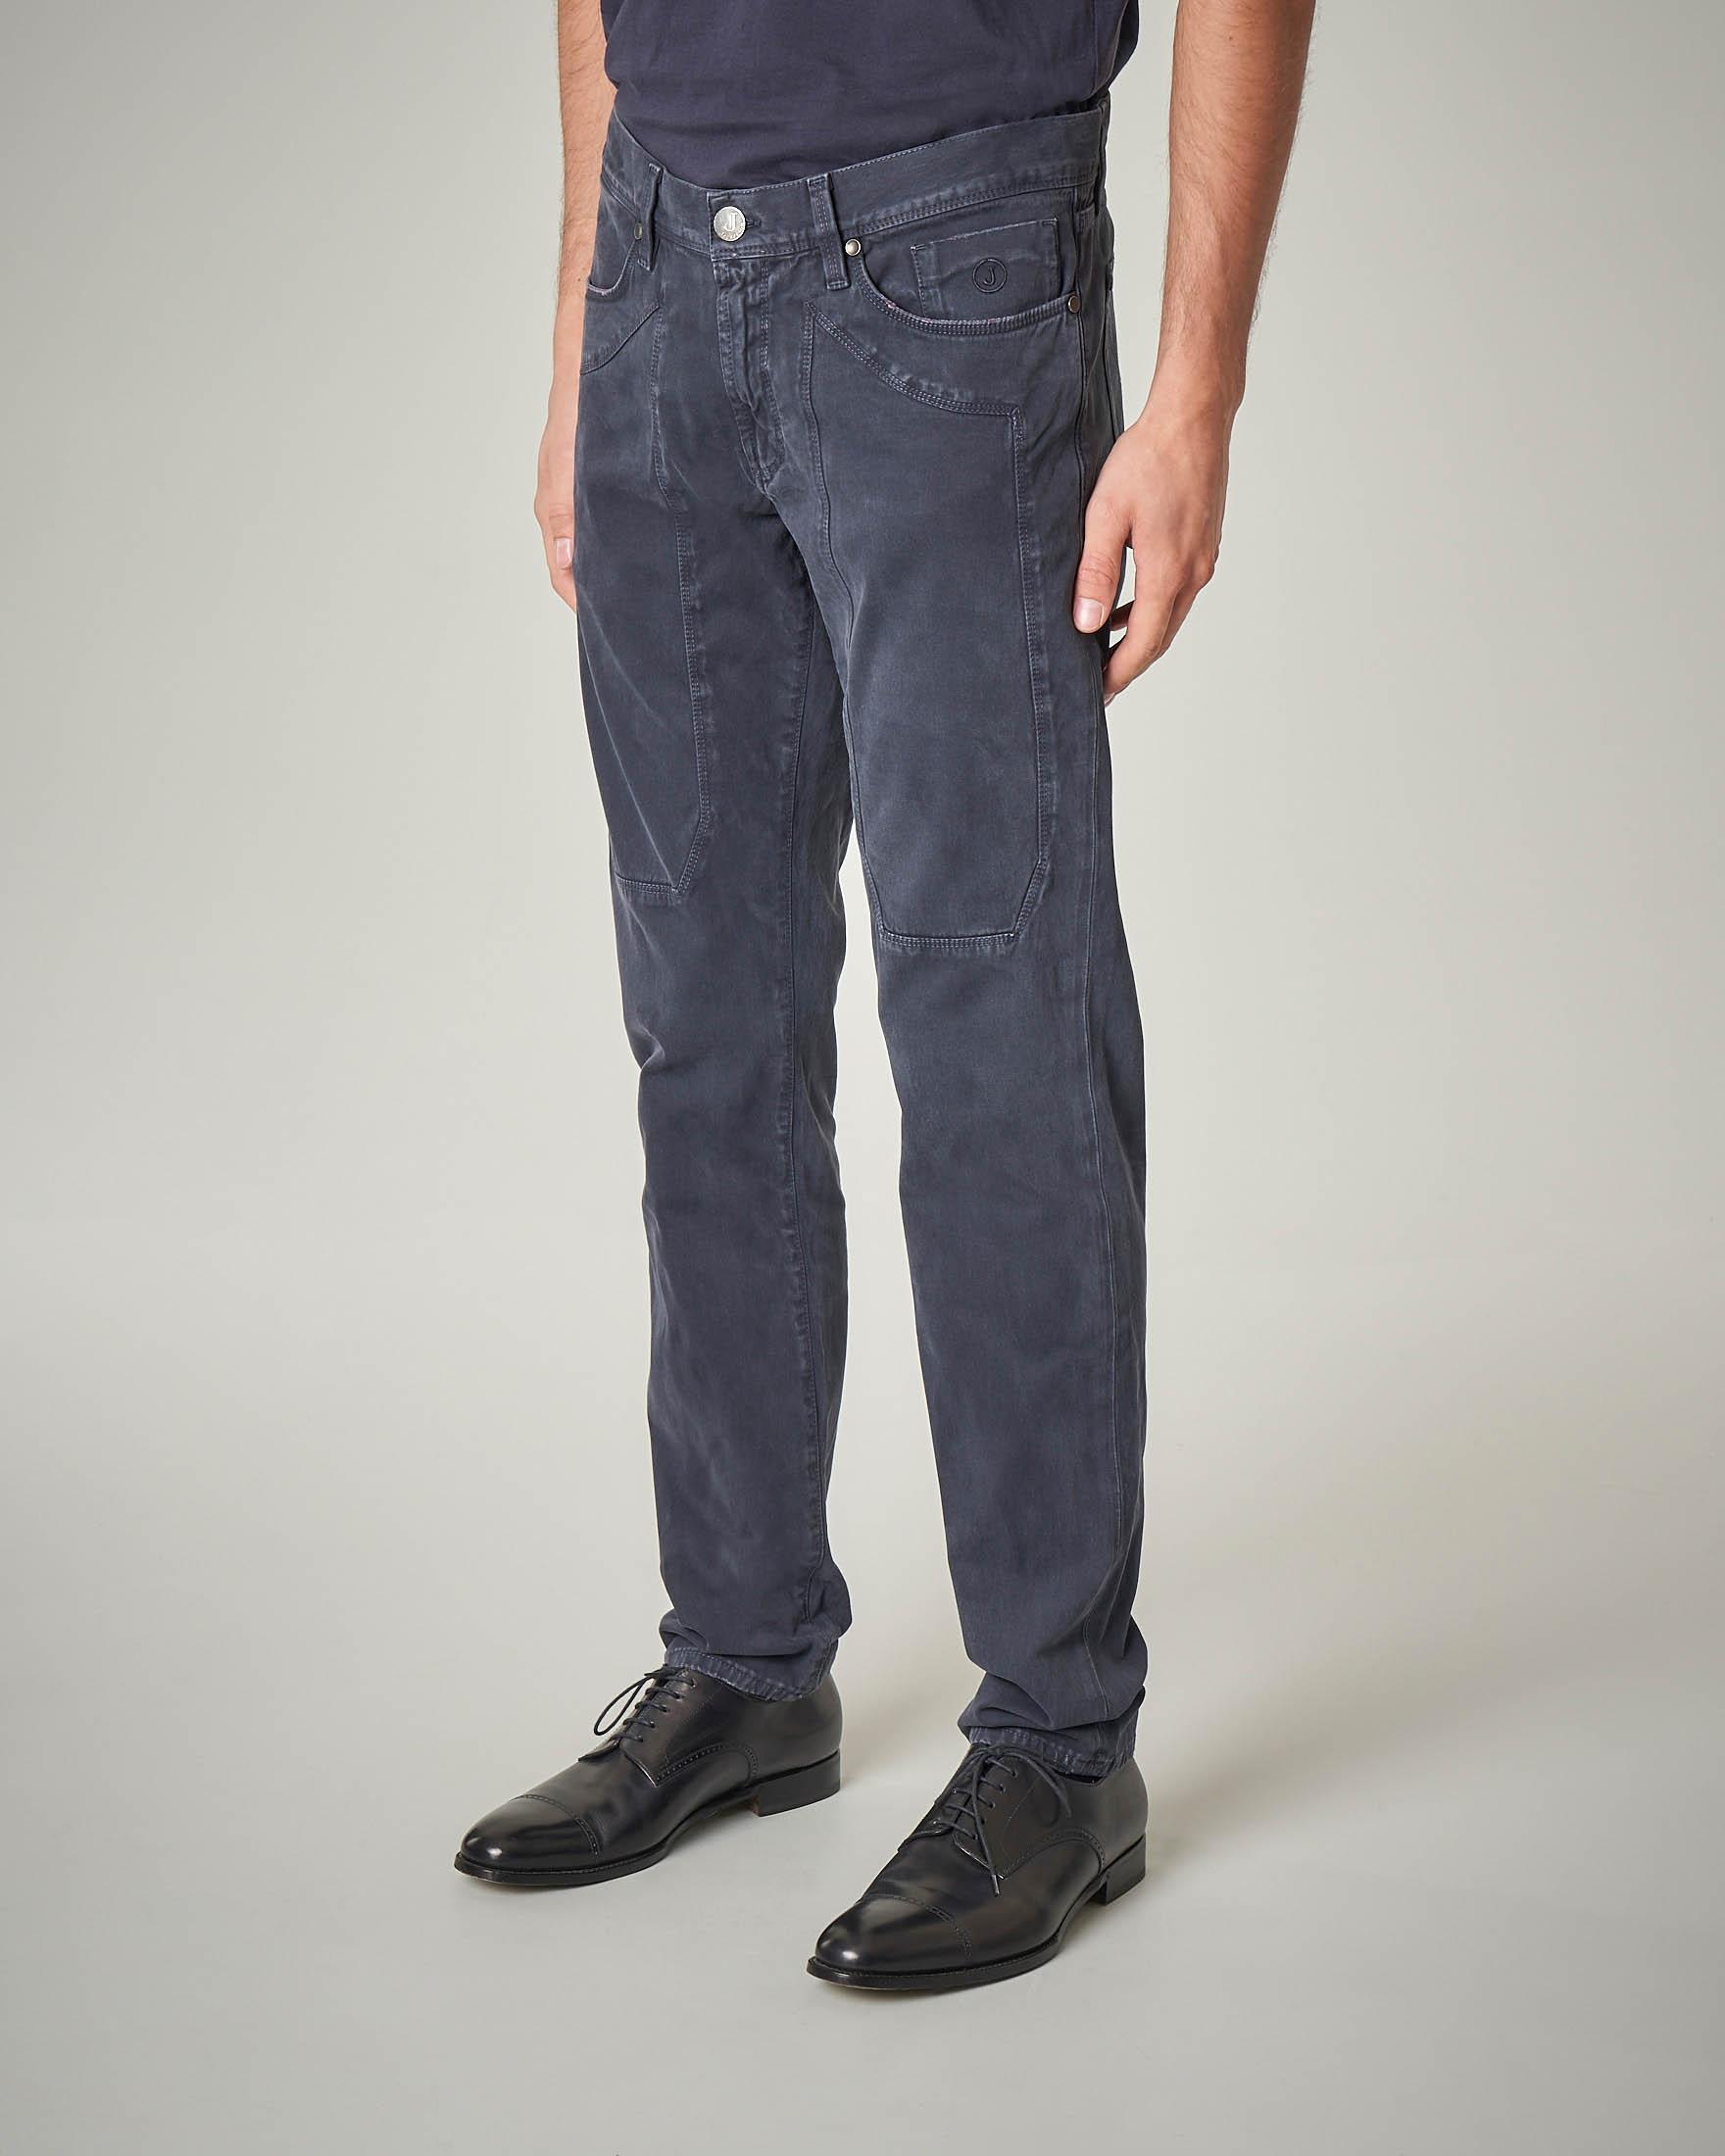 Pantalone cinque tasche blu con toppa